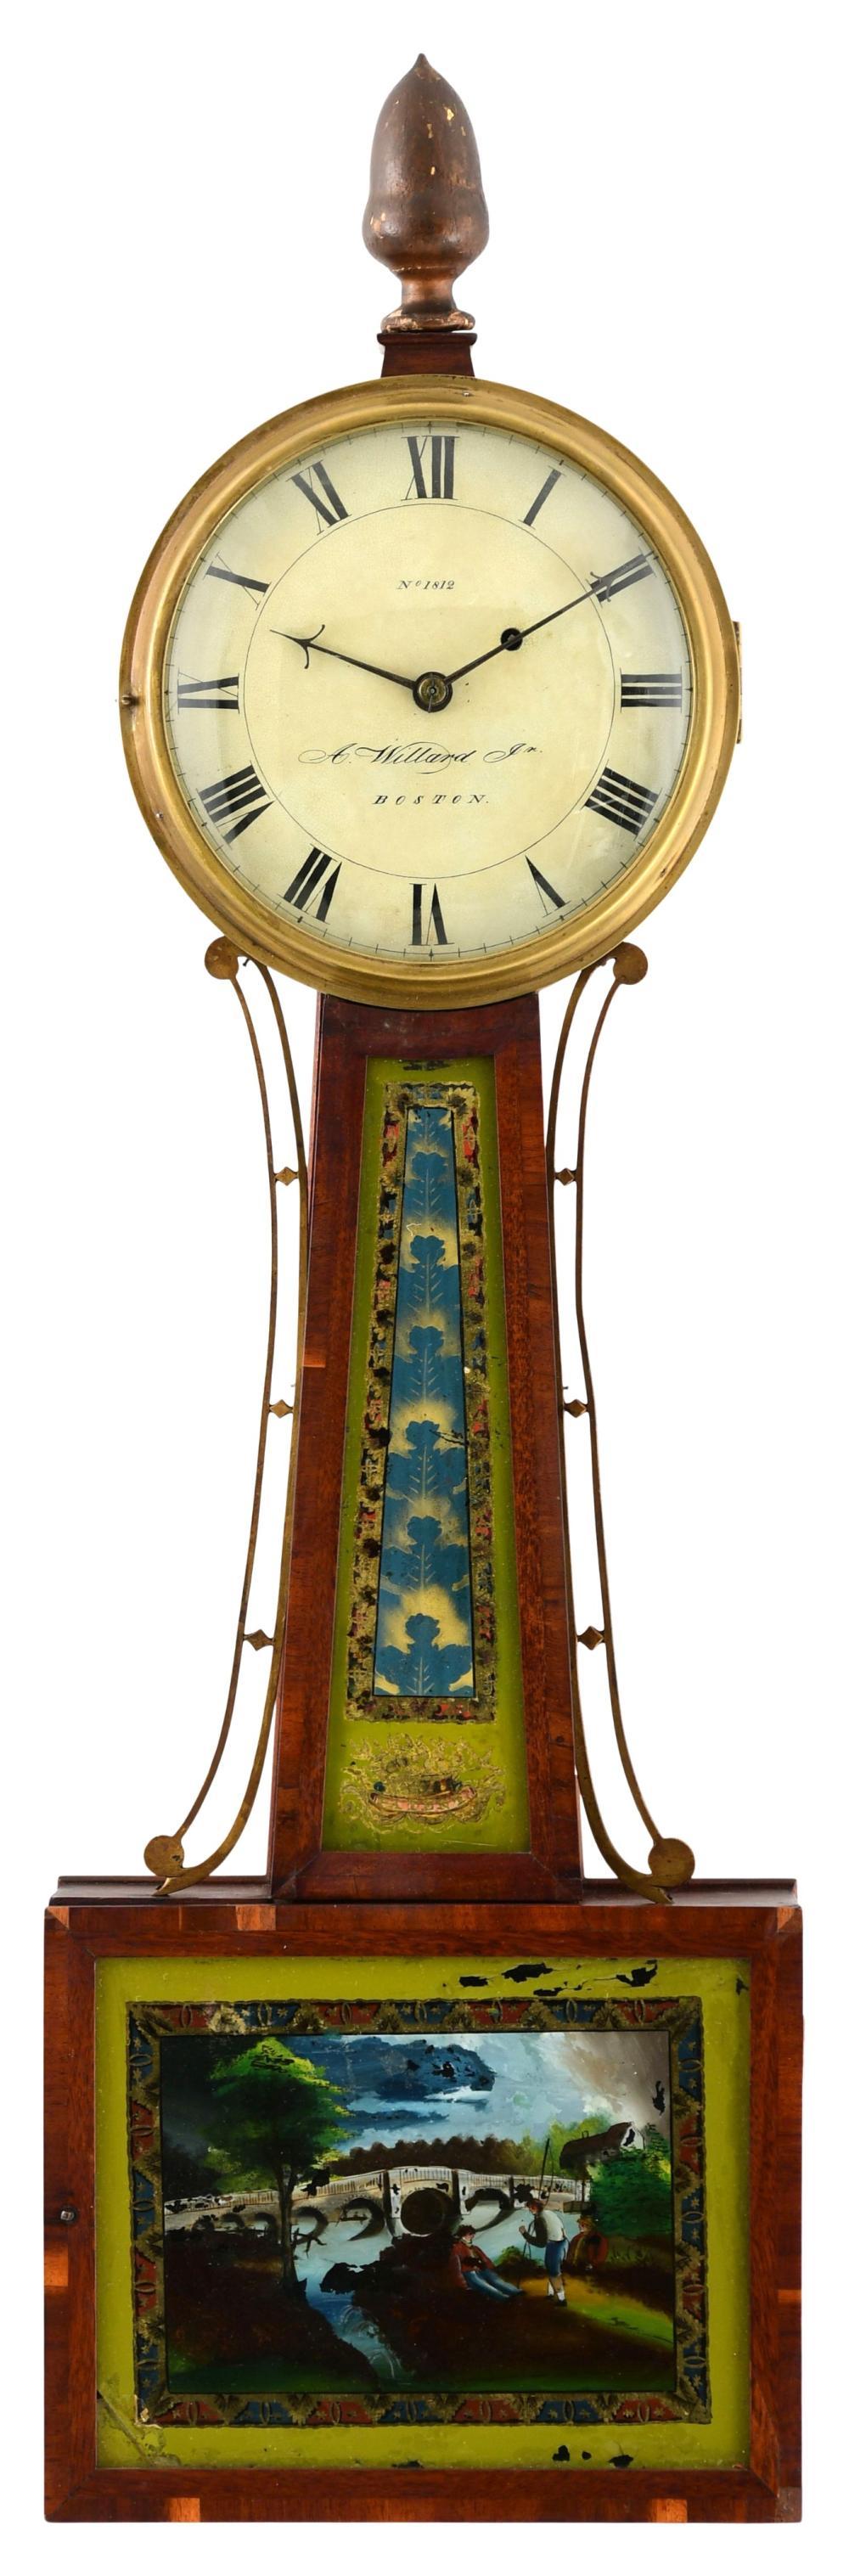 Aaron Willard Jr. (1783-1864), Boston, Massachusetts, Banjo Clock